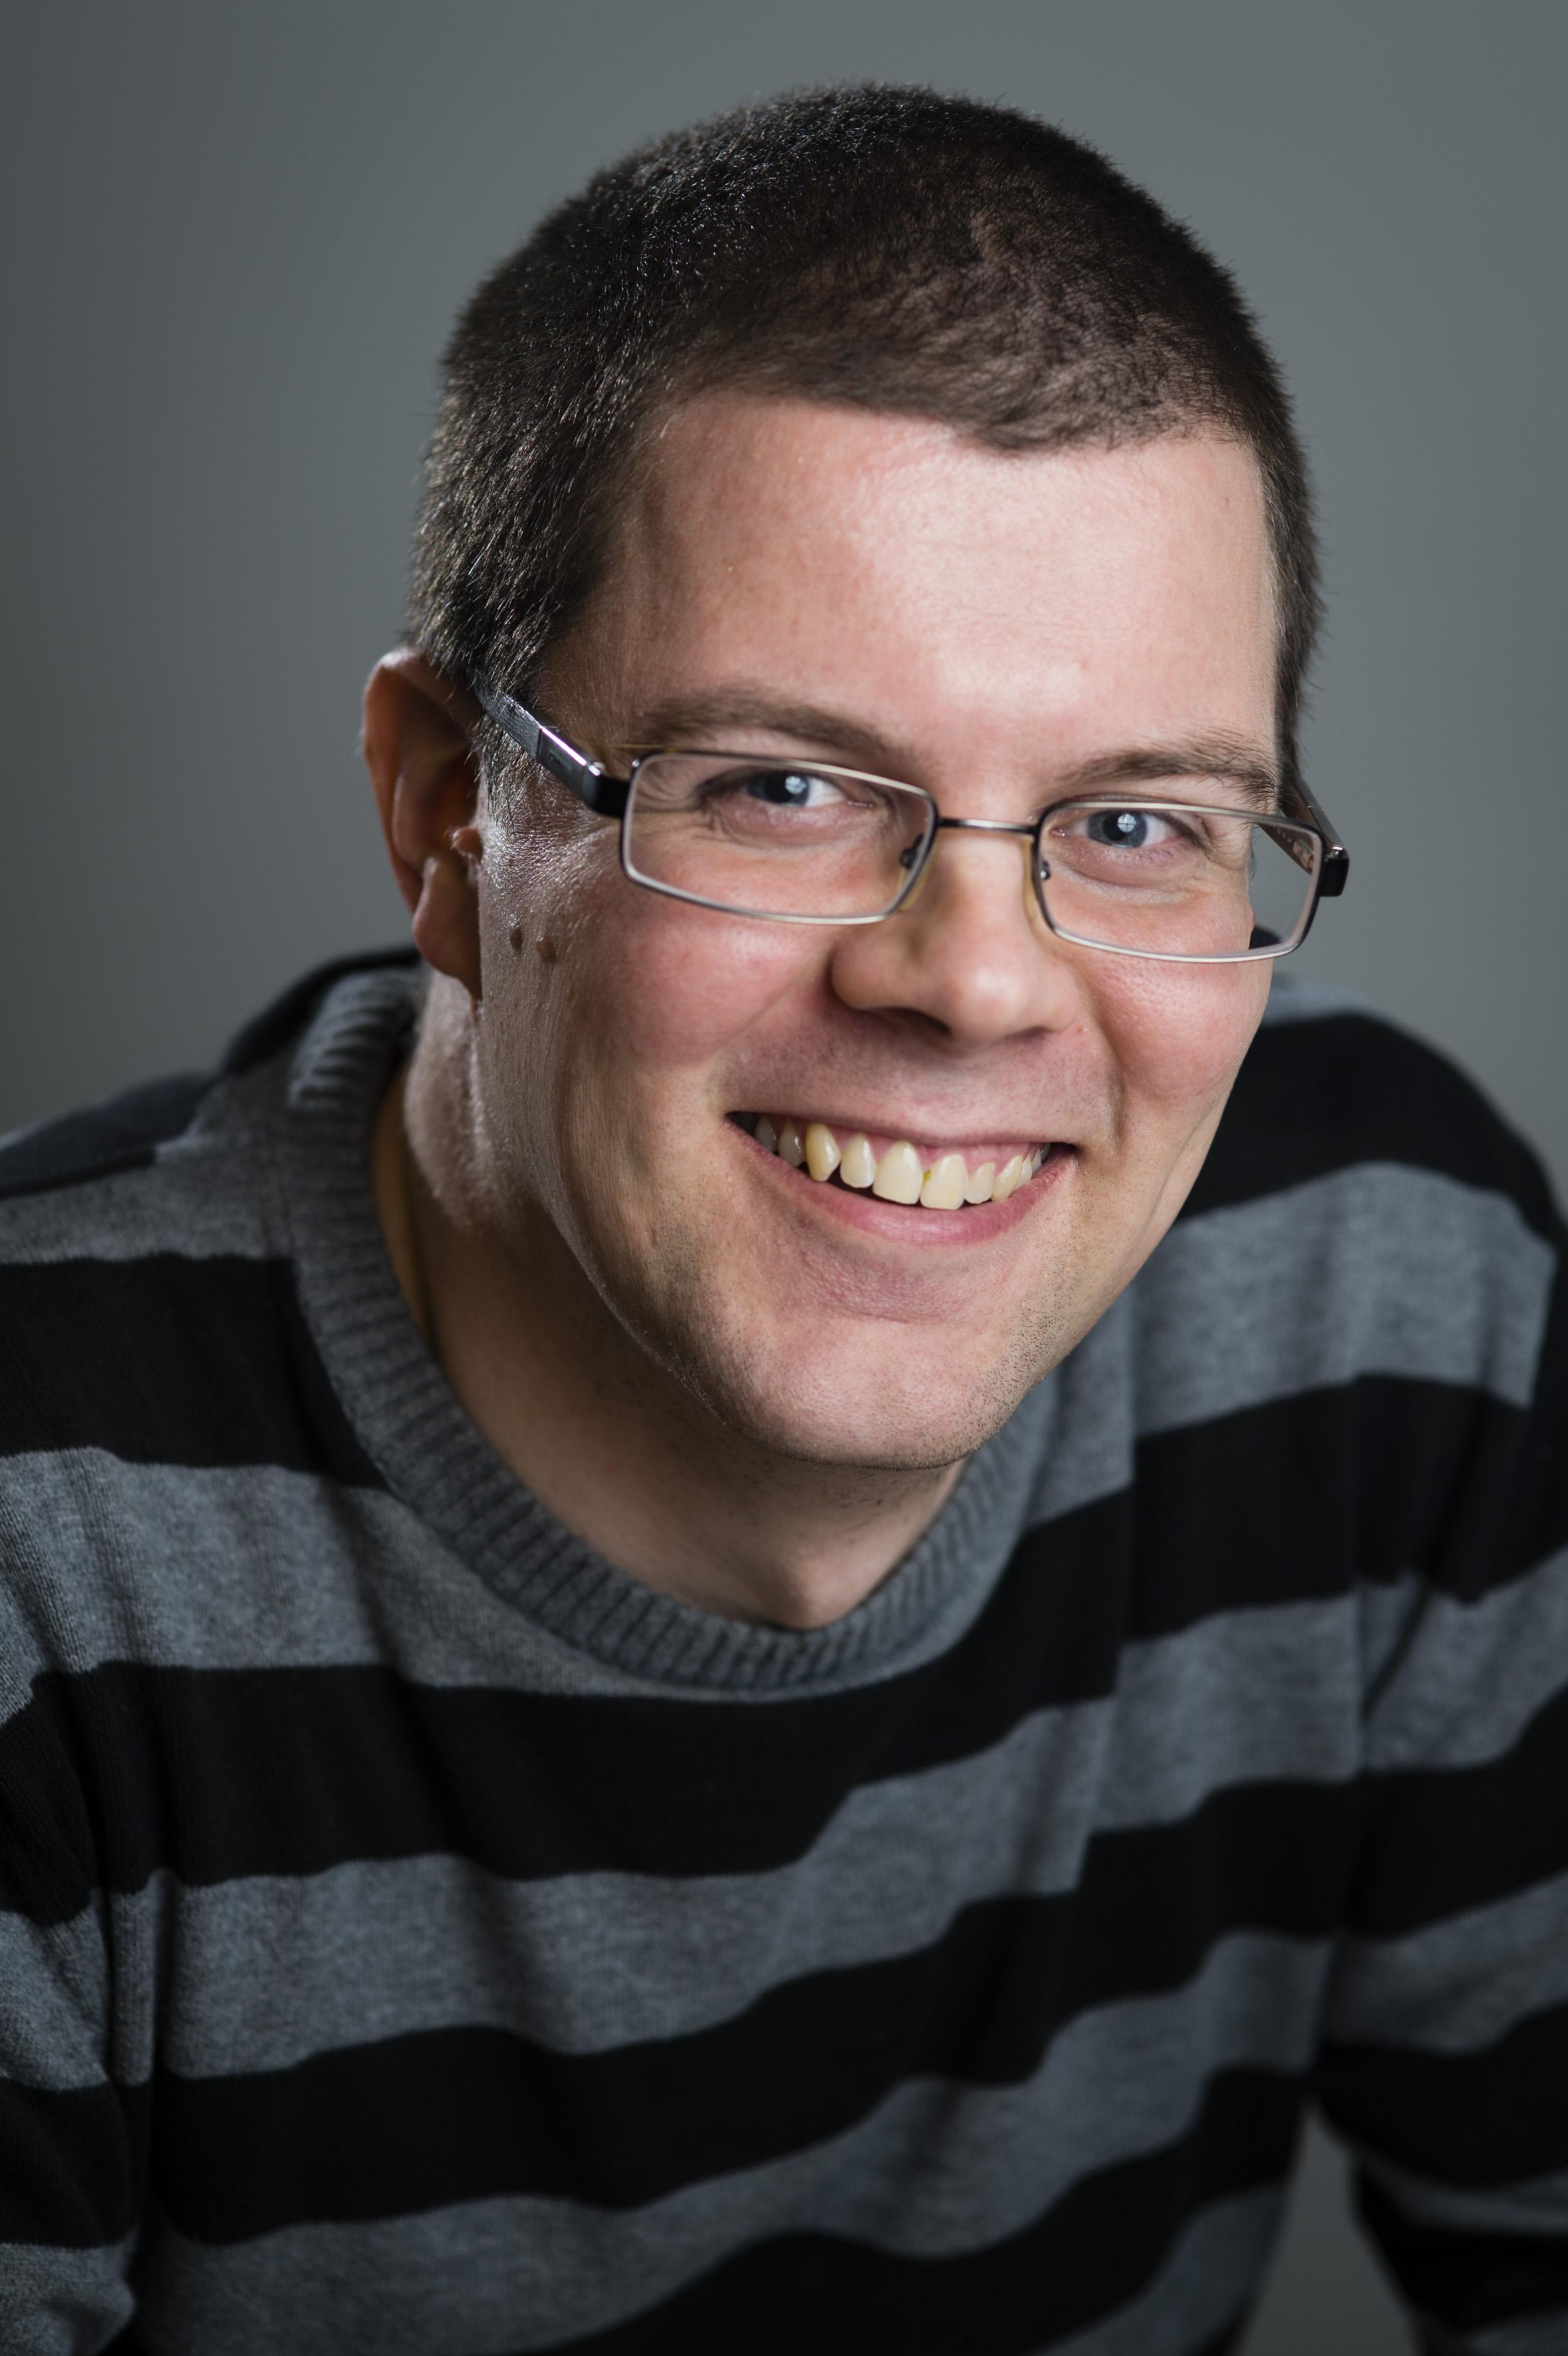 Pekka Parviainen